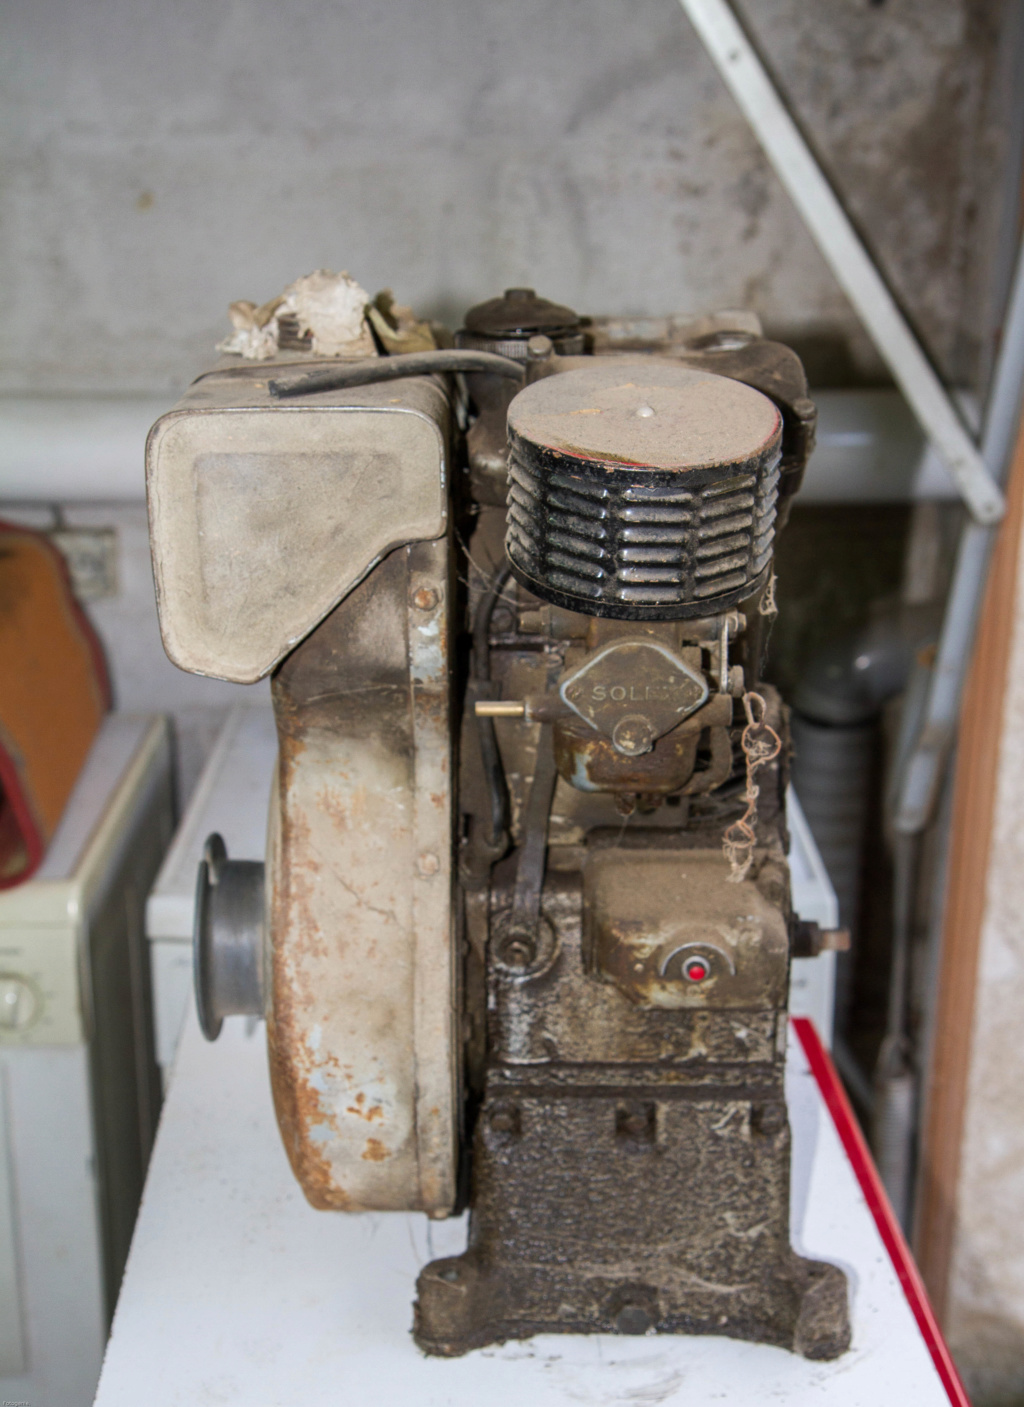 ( Vends) : PPXS8 , PP2x , moteurs bernard et autres ... Img_9129